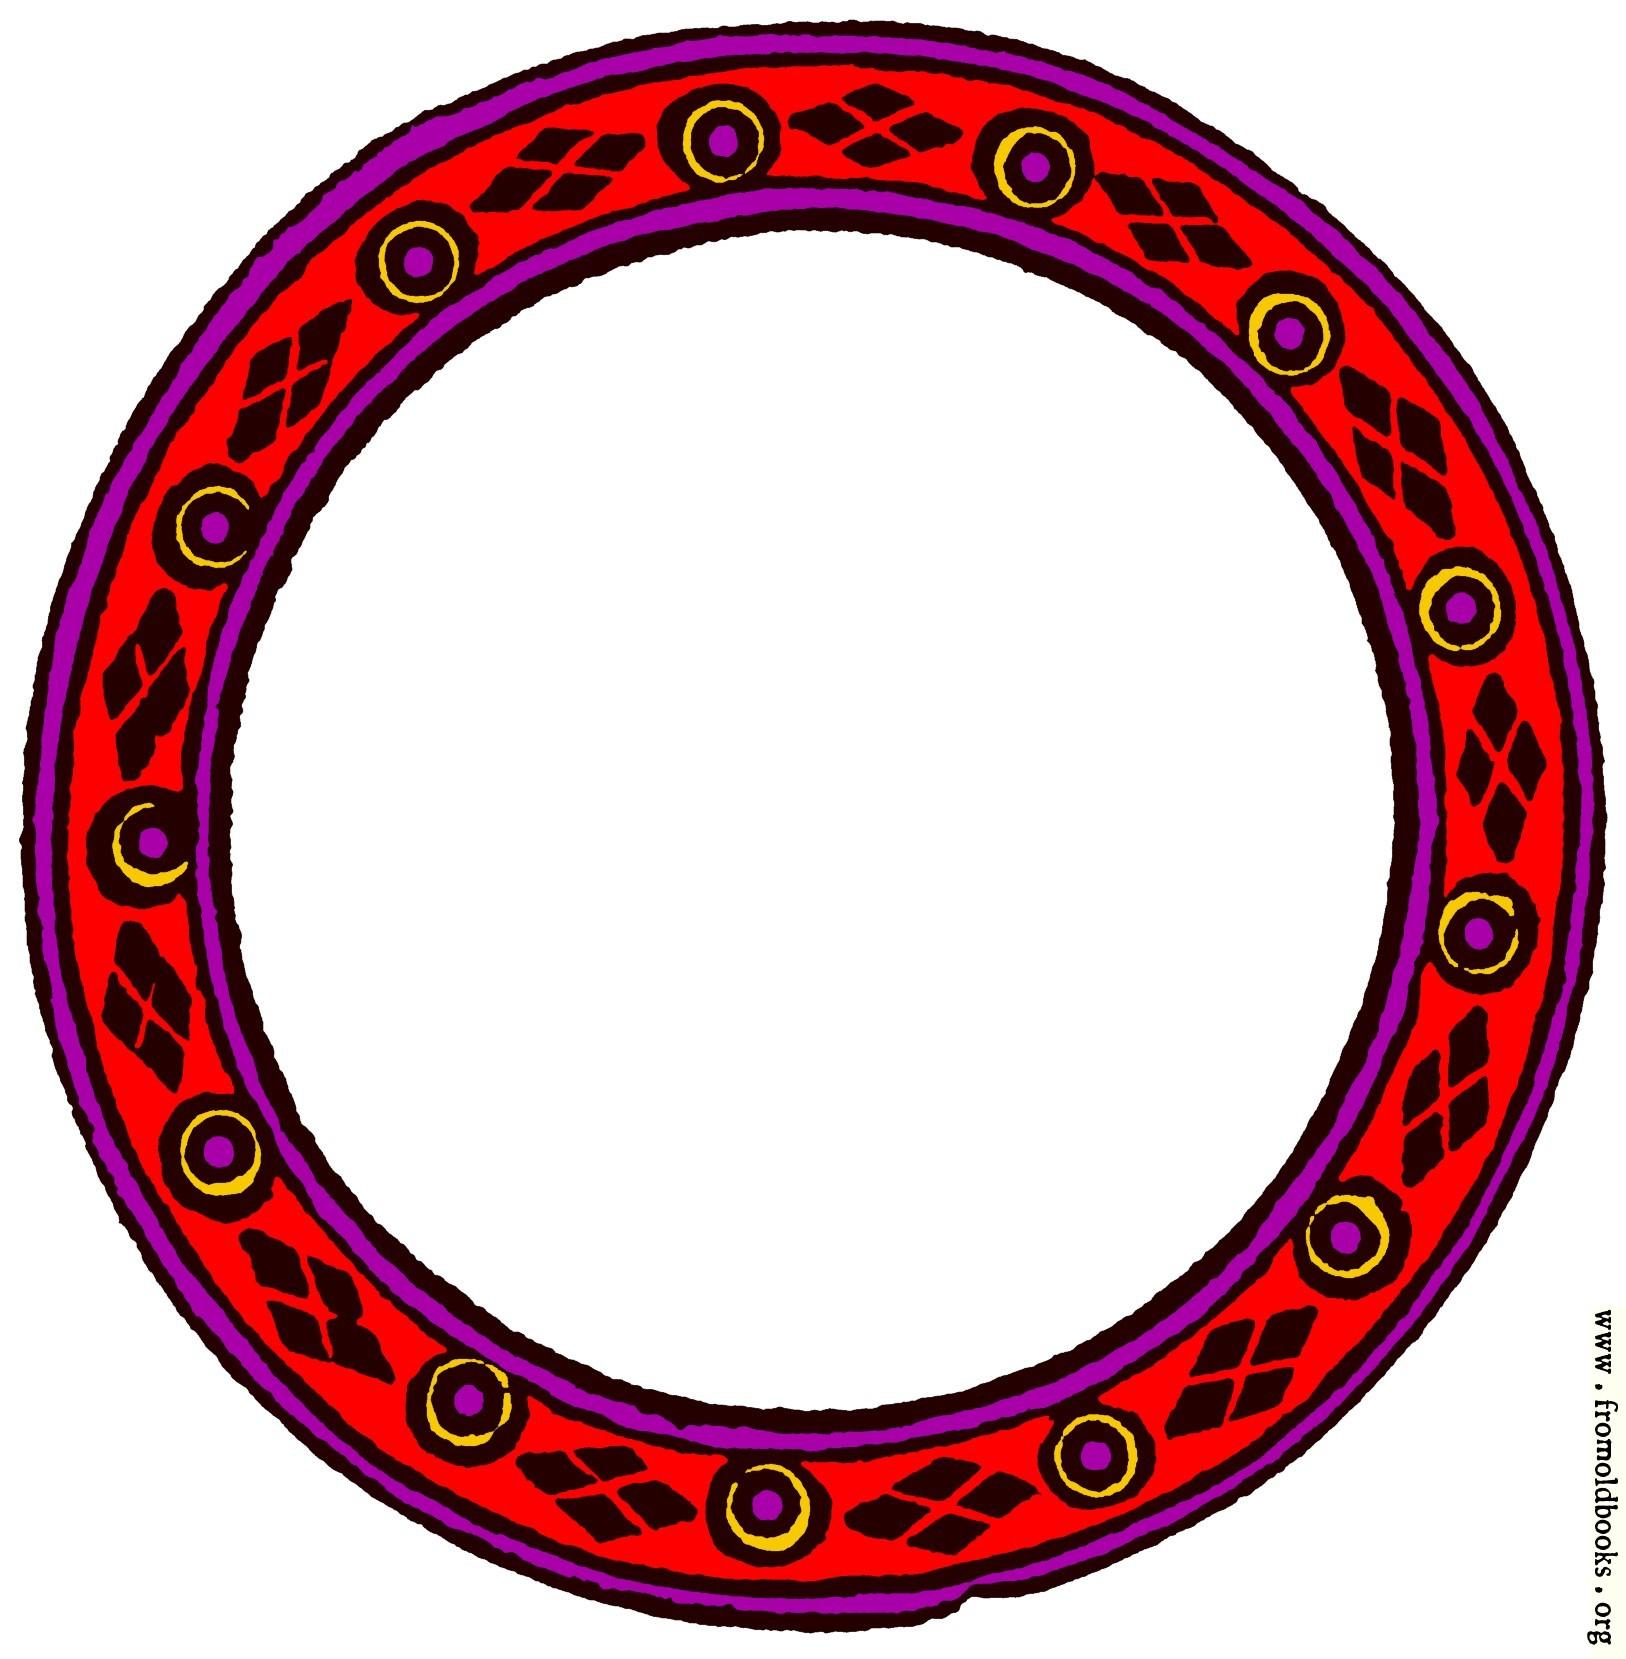 Red Circle Image